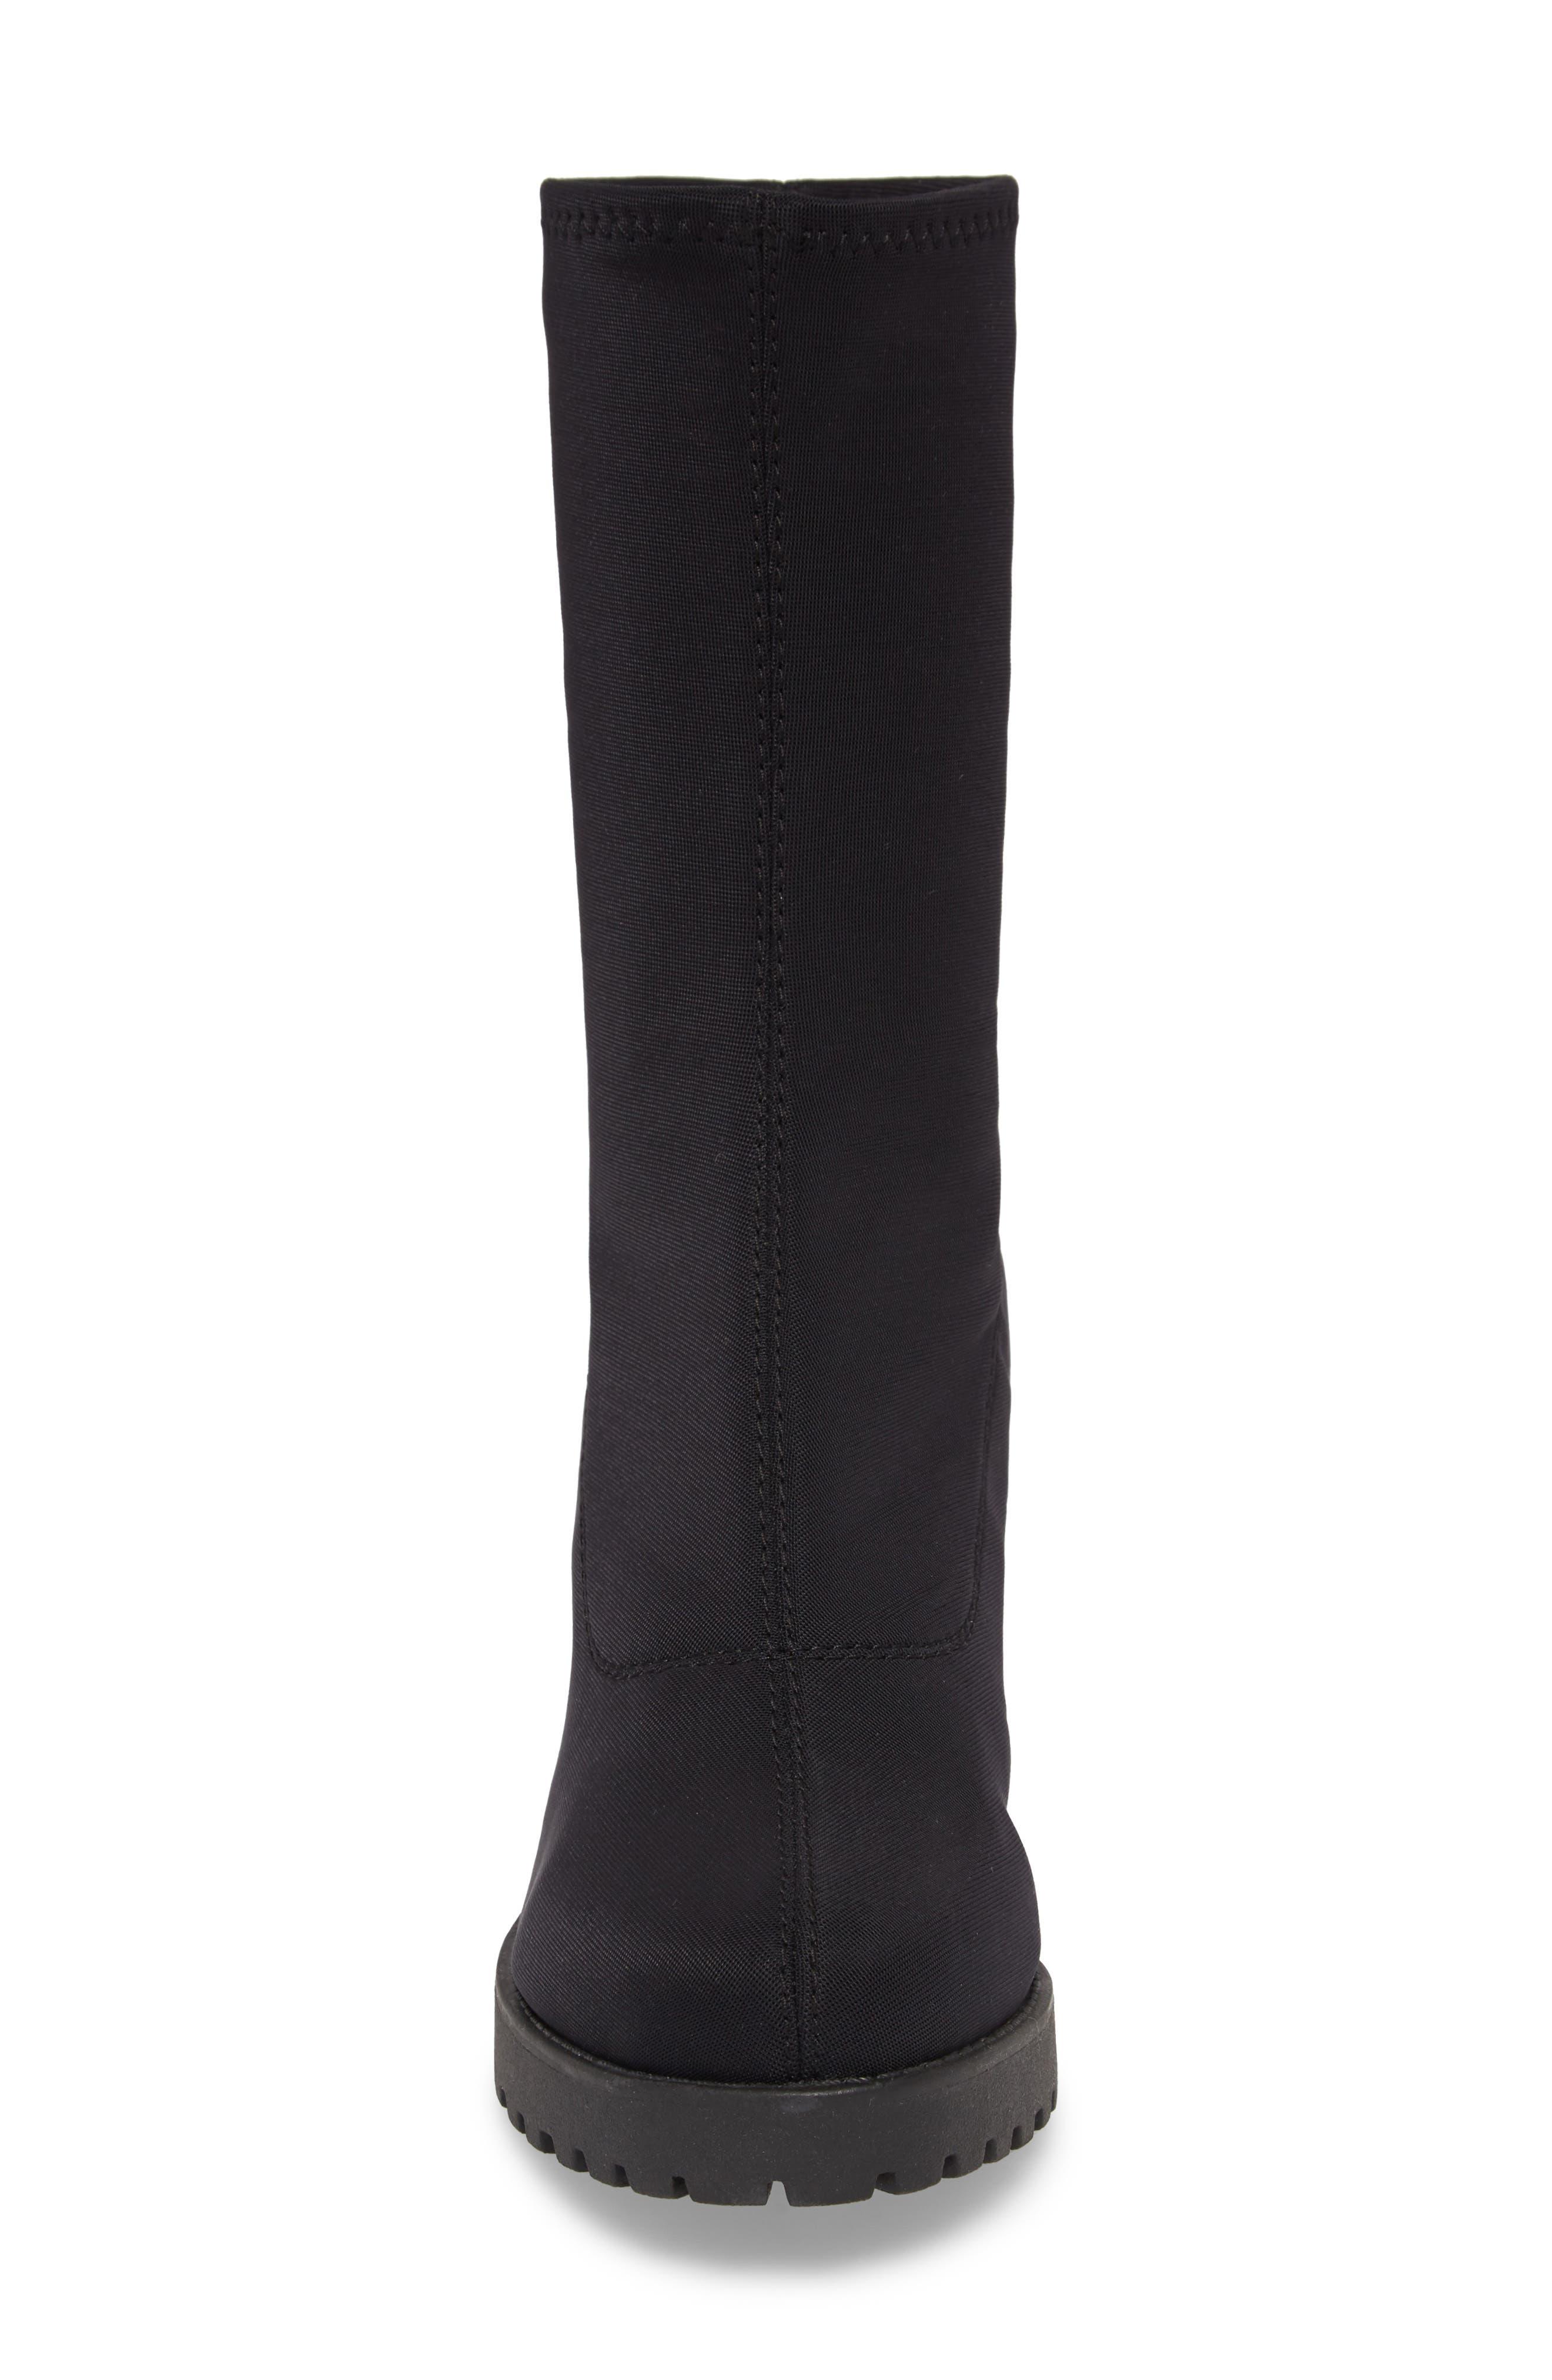 VAGABOND, Shoemakers Grace Platform Bootie, Alternate thumbnail 4, color, BLACK FABRIC